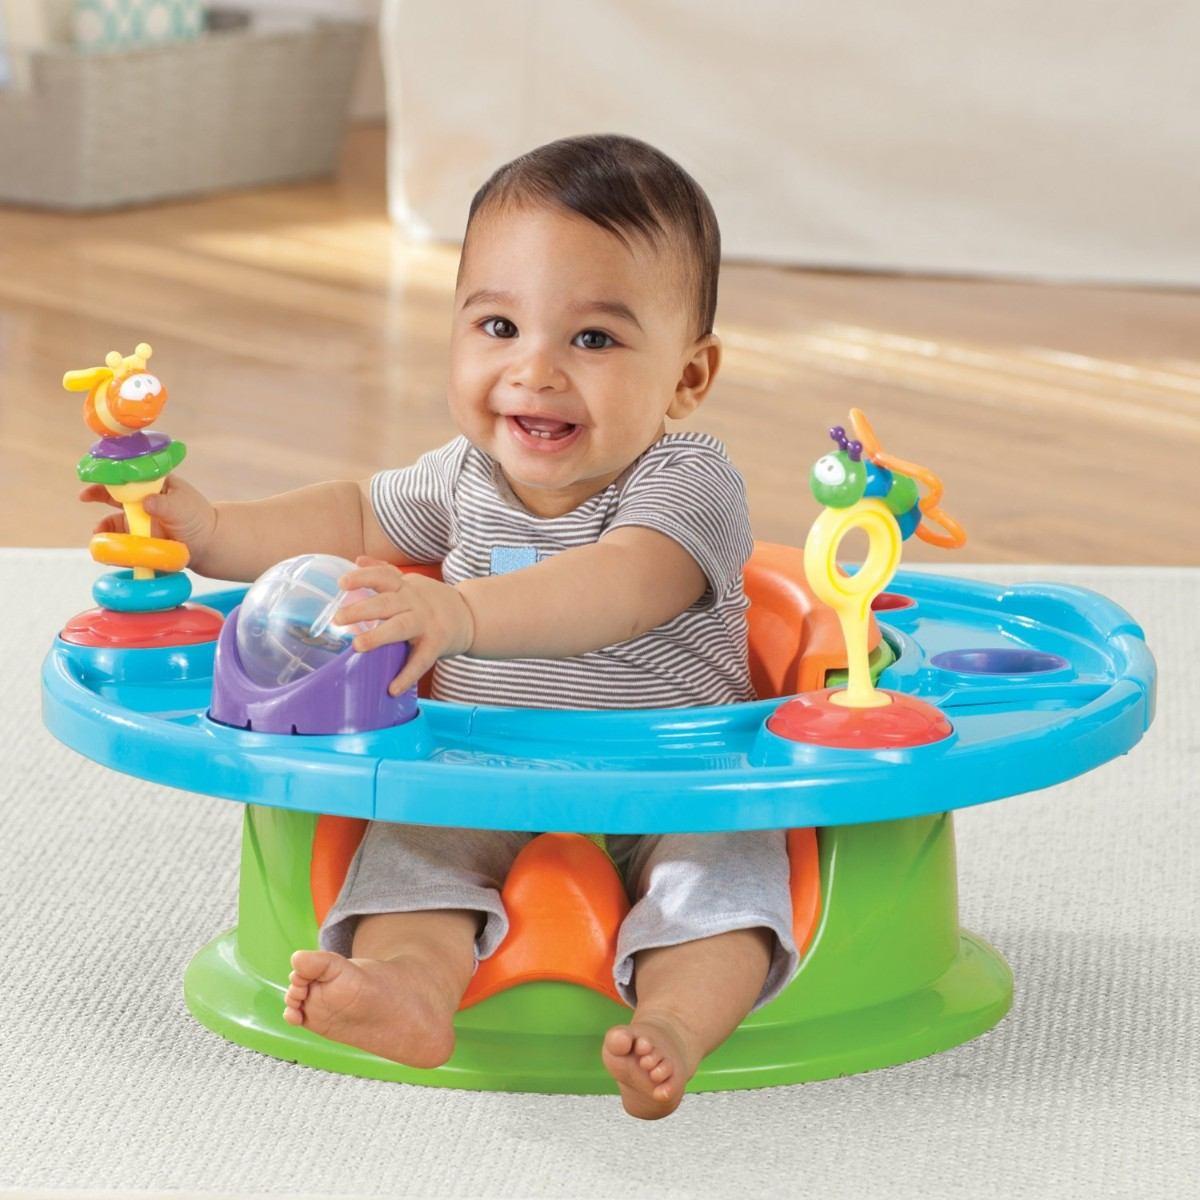 Silla estilo bumbo para beb 3 en 1 asiento juegos for Sillas para bebes precios